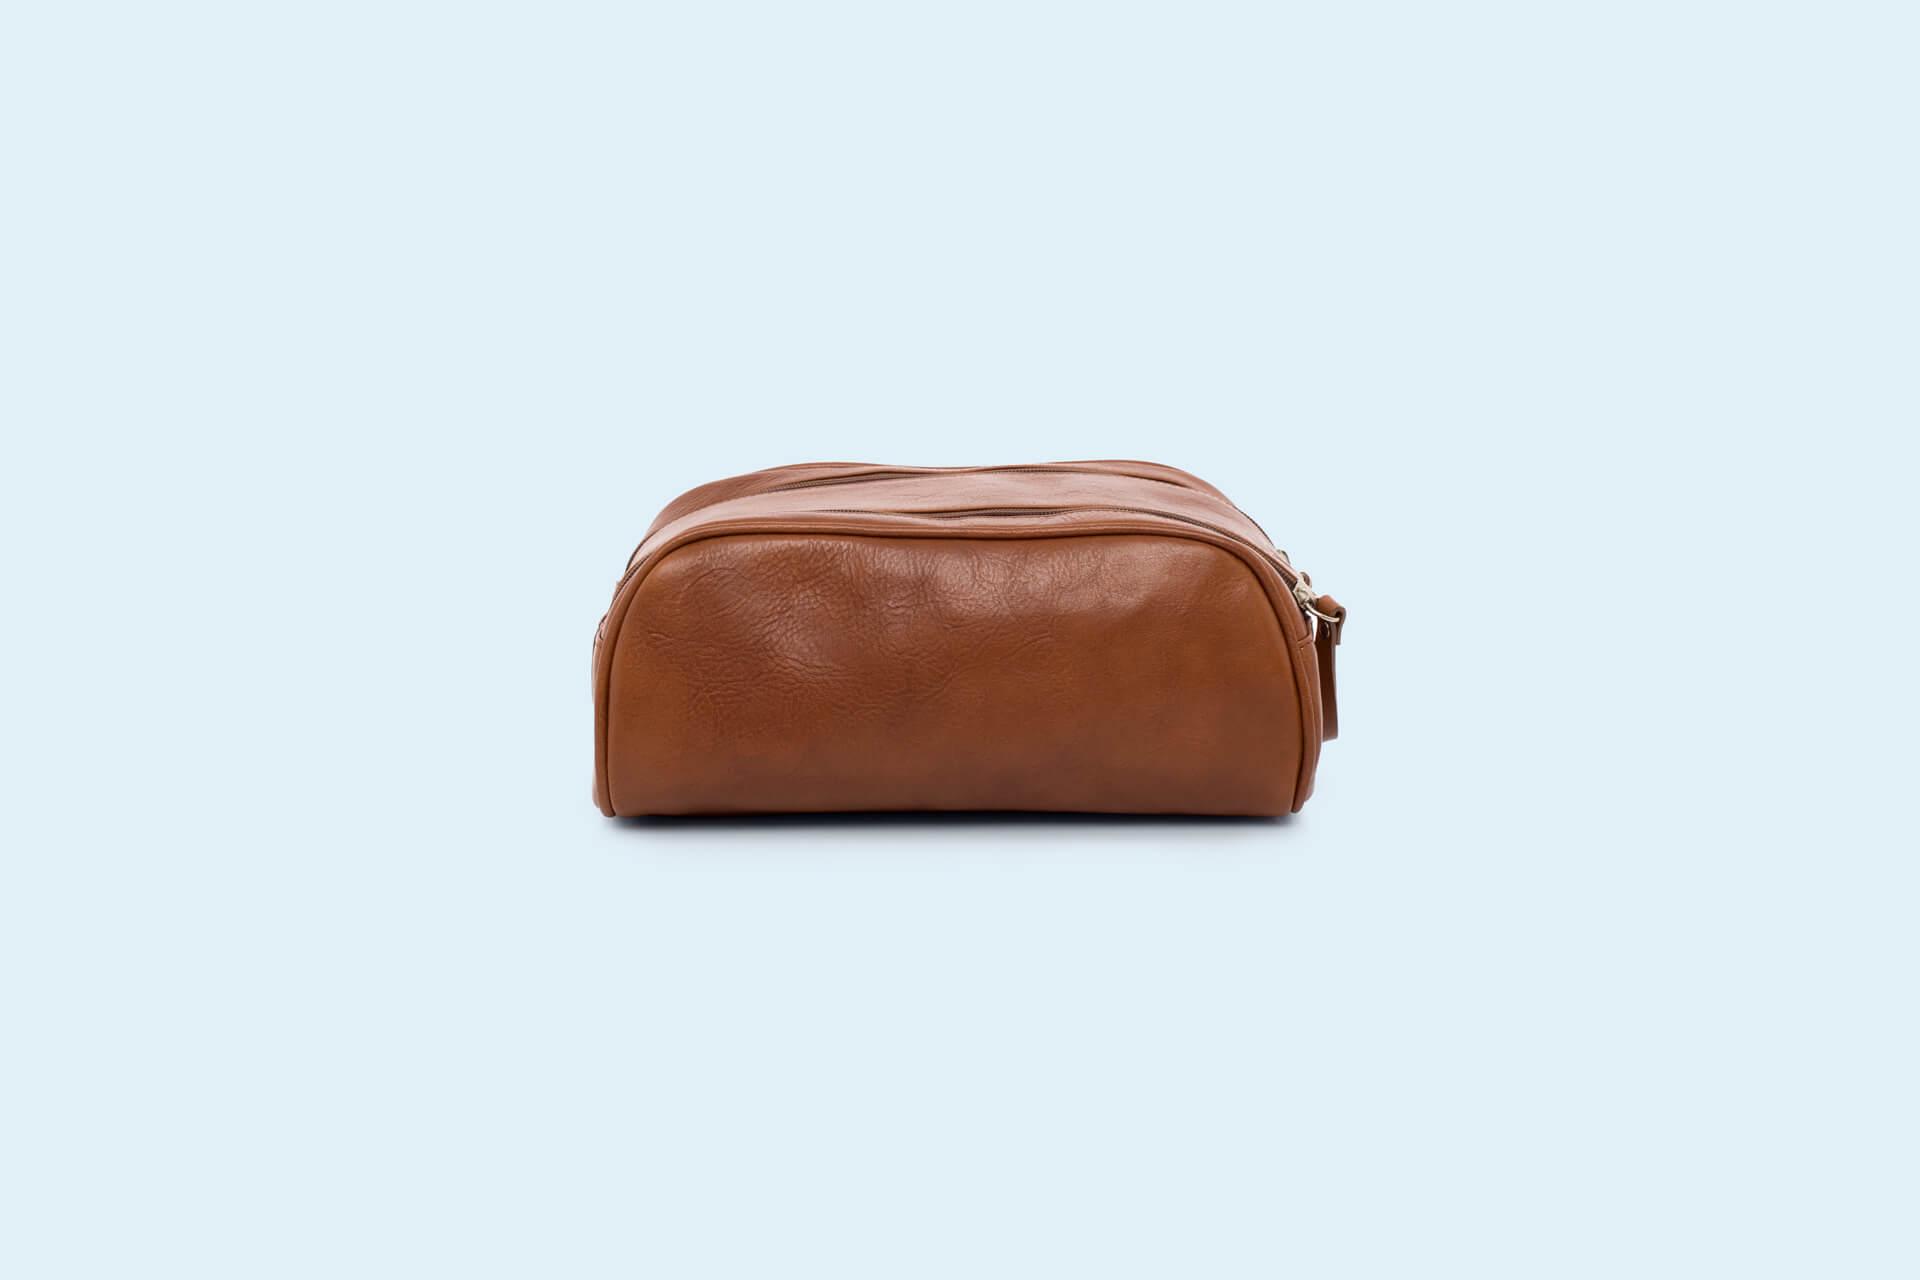 75c34045f9002 Skórzana kosmetyczka - Nonconformist Cosmetics Bag cognac